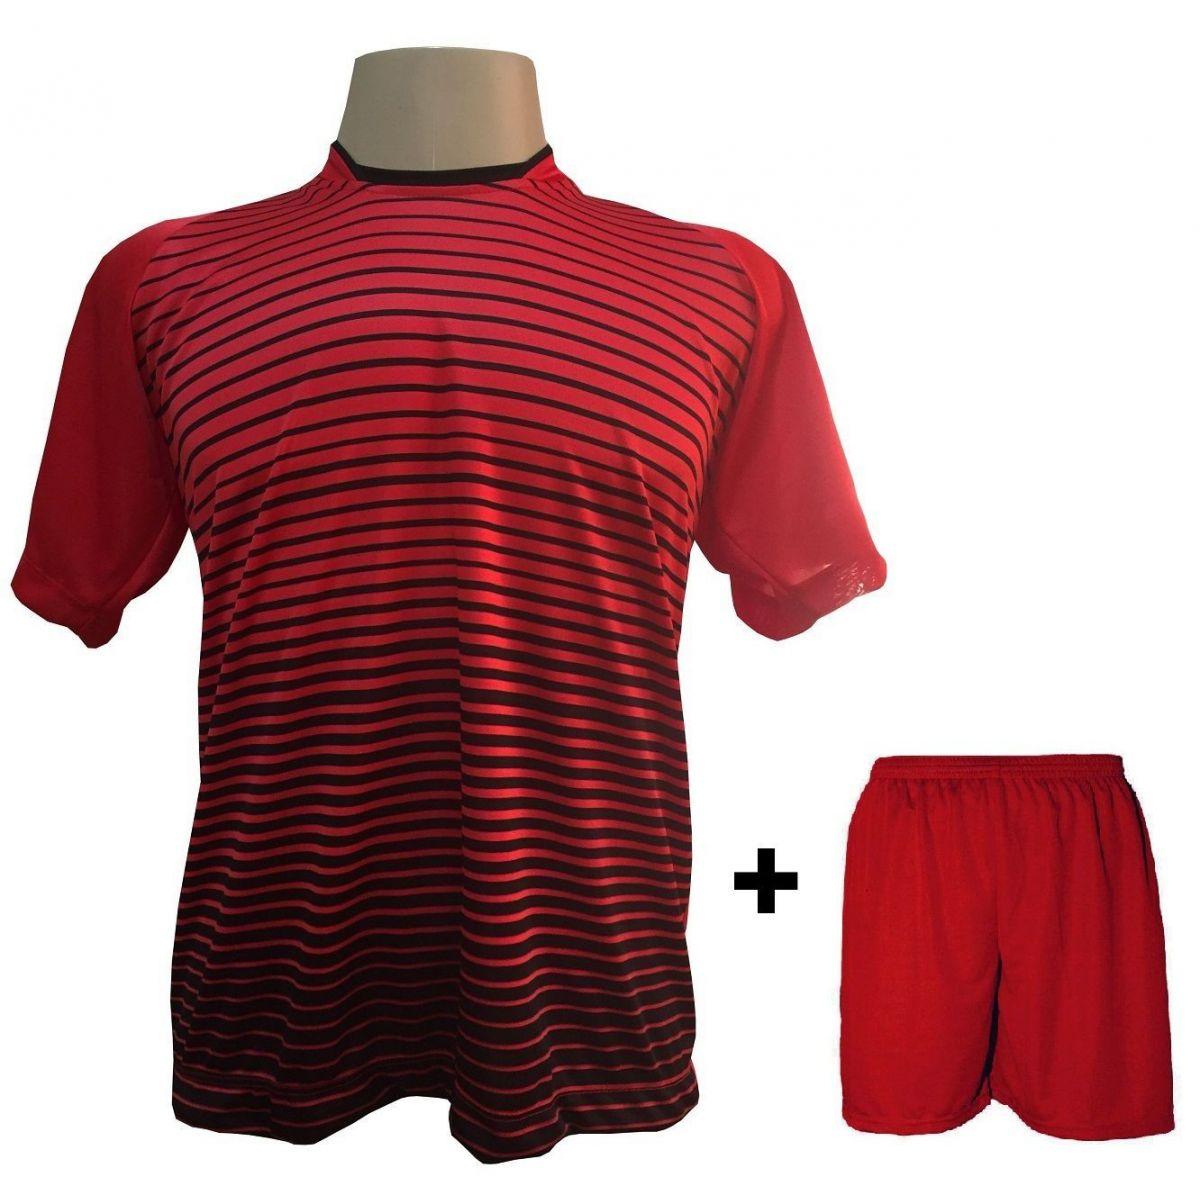 Uniforme Esportivo com 12 camisas modelo City Vermelho/Preto + 12 calções modelo Madrid Vermelho + Brindes